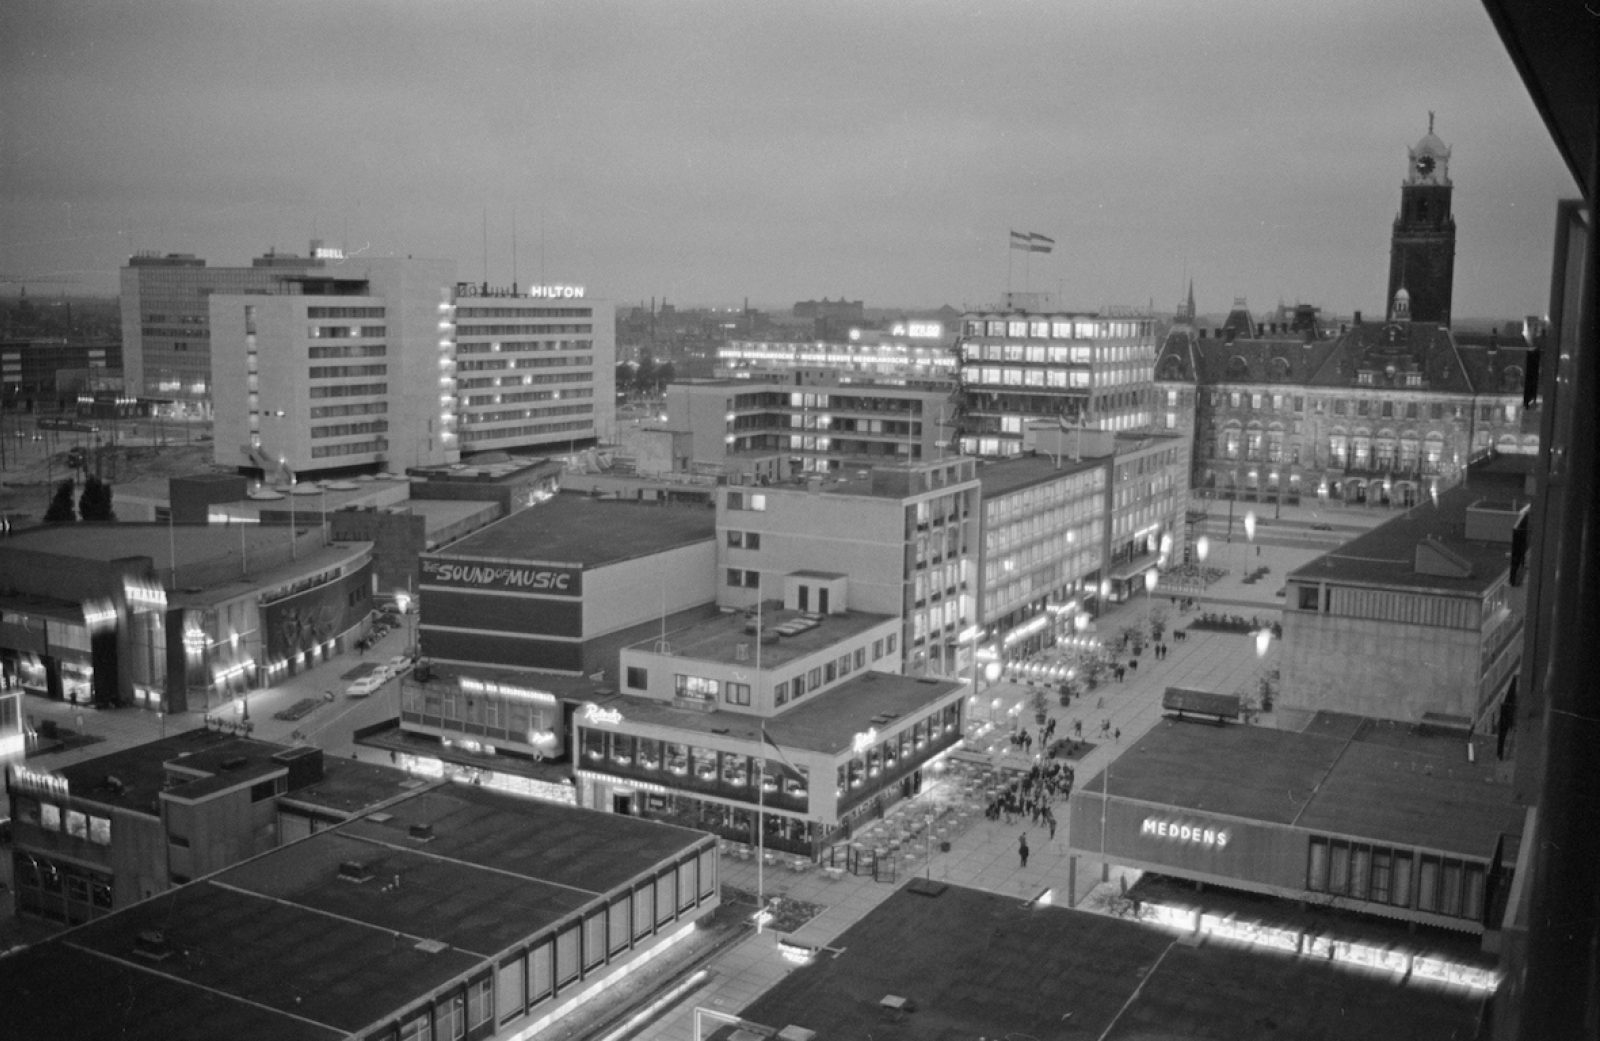 03 stadhuisplein 1965 NL Rt SA 4121 304508 28 ag